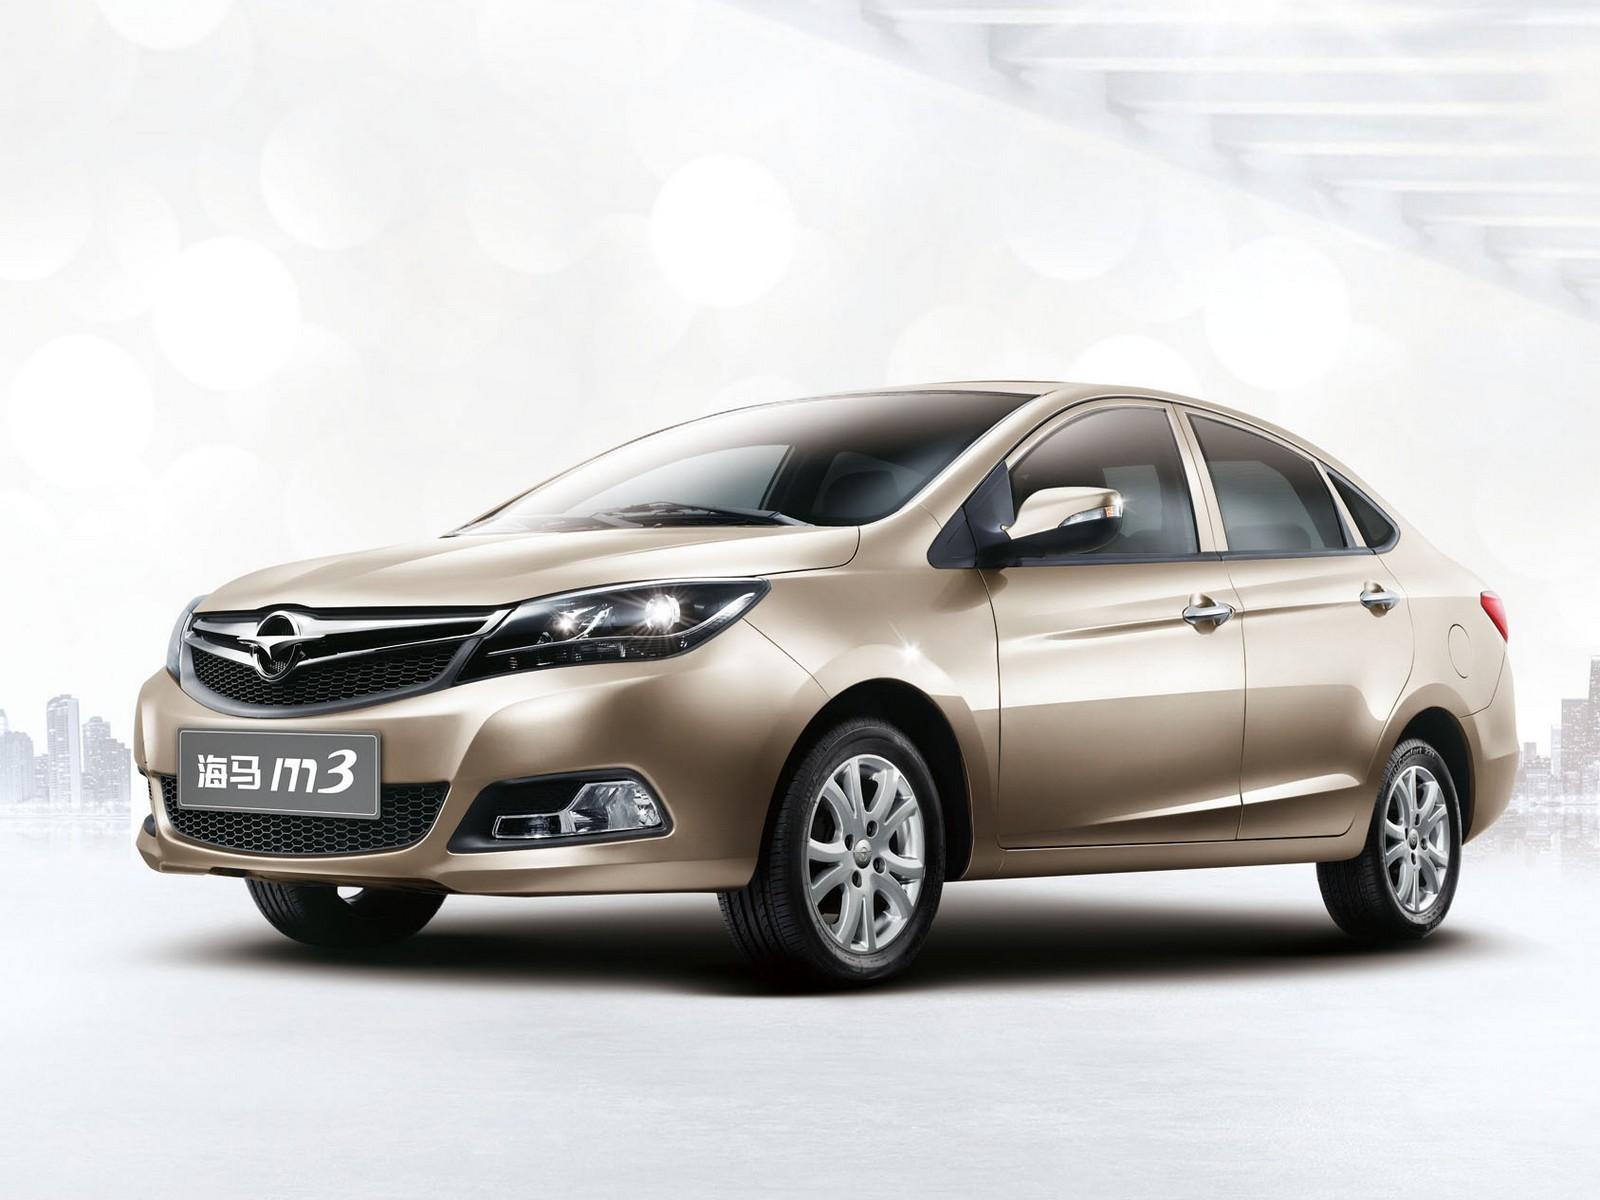 В Китае стартовали продажи обновленной версии седана Haima M3